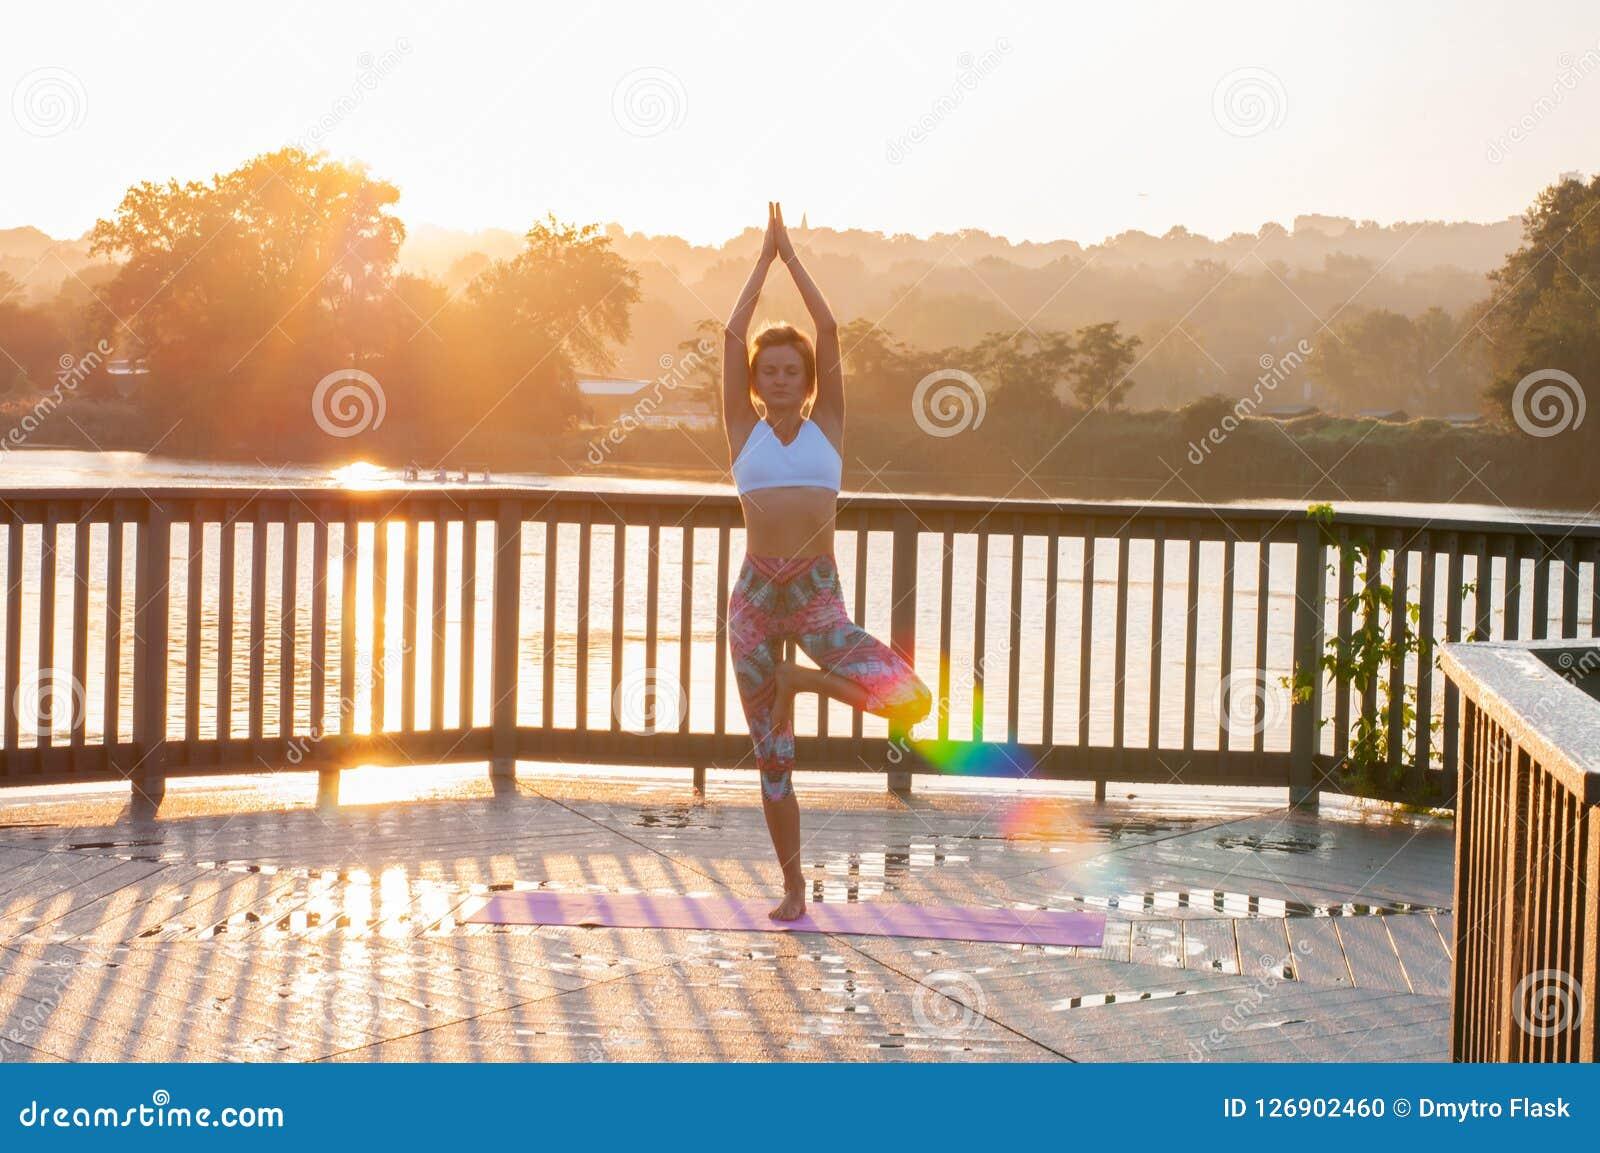 Vrikshasana pose. Young woman is doing yoga on the sunrise